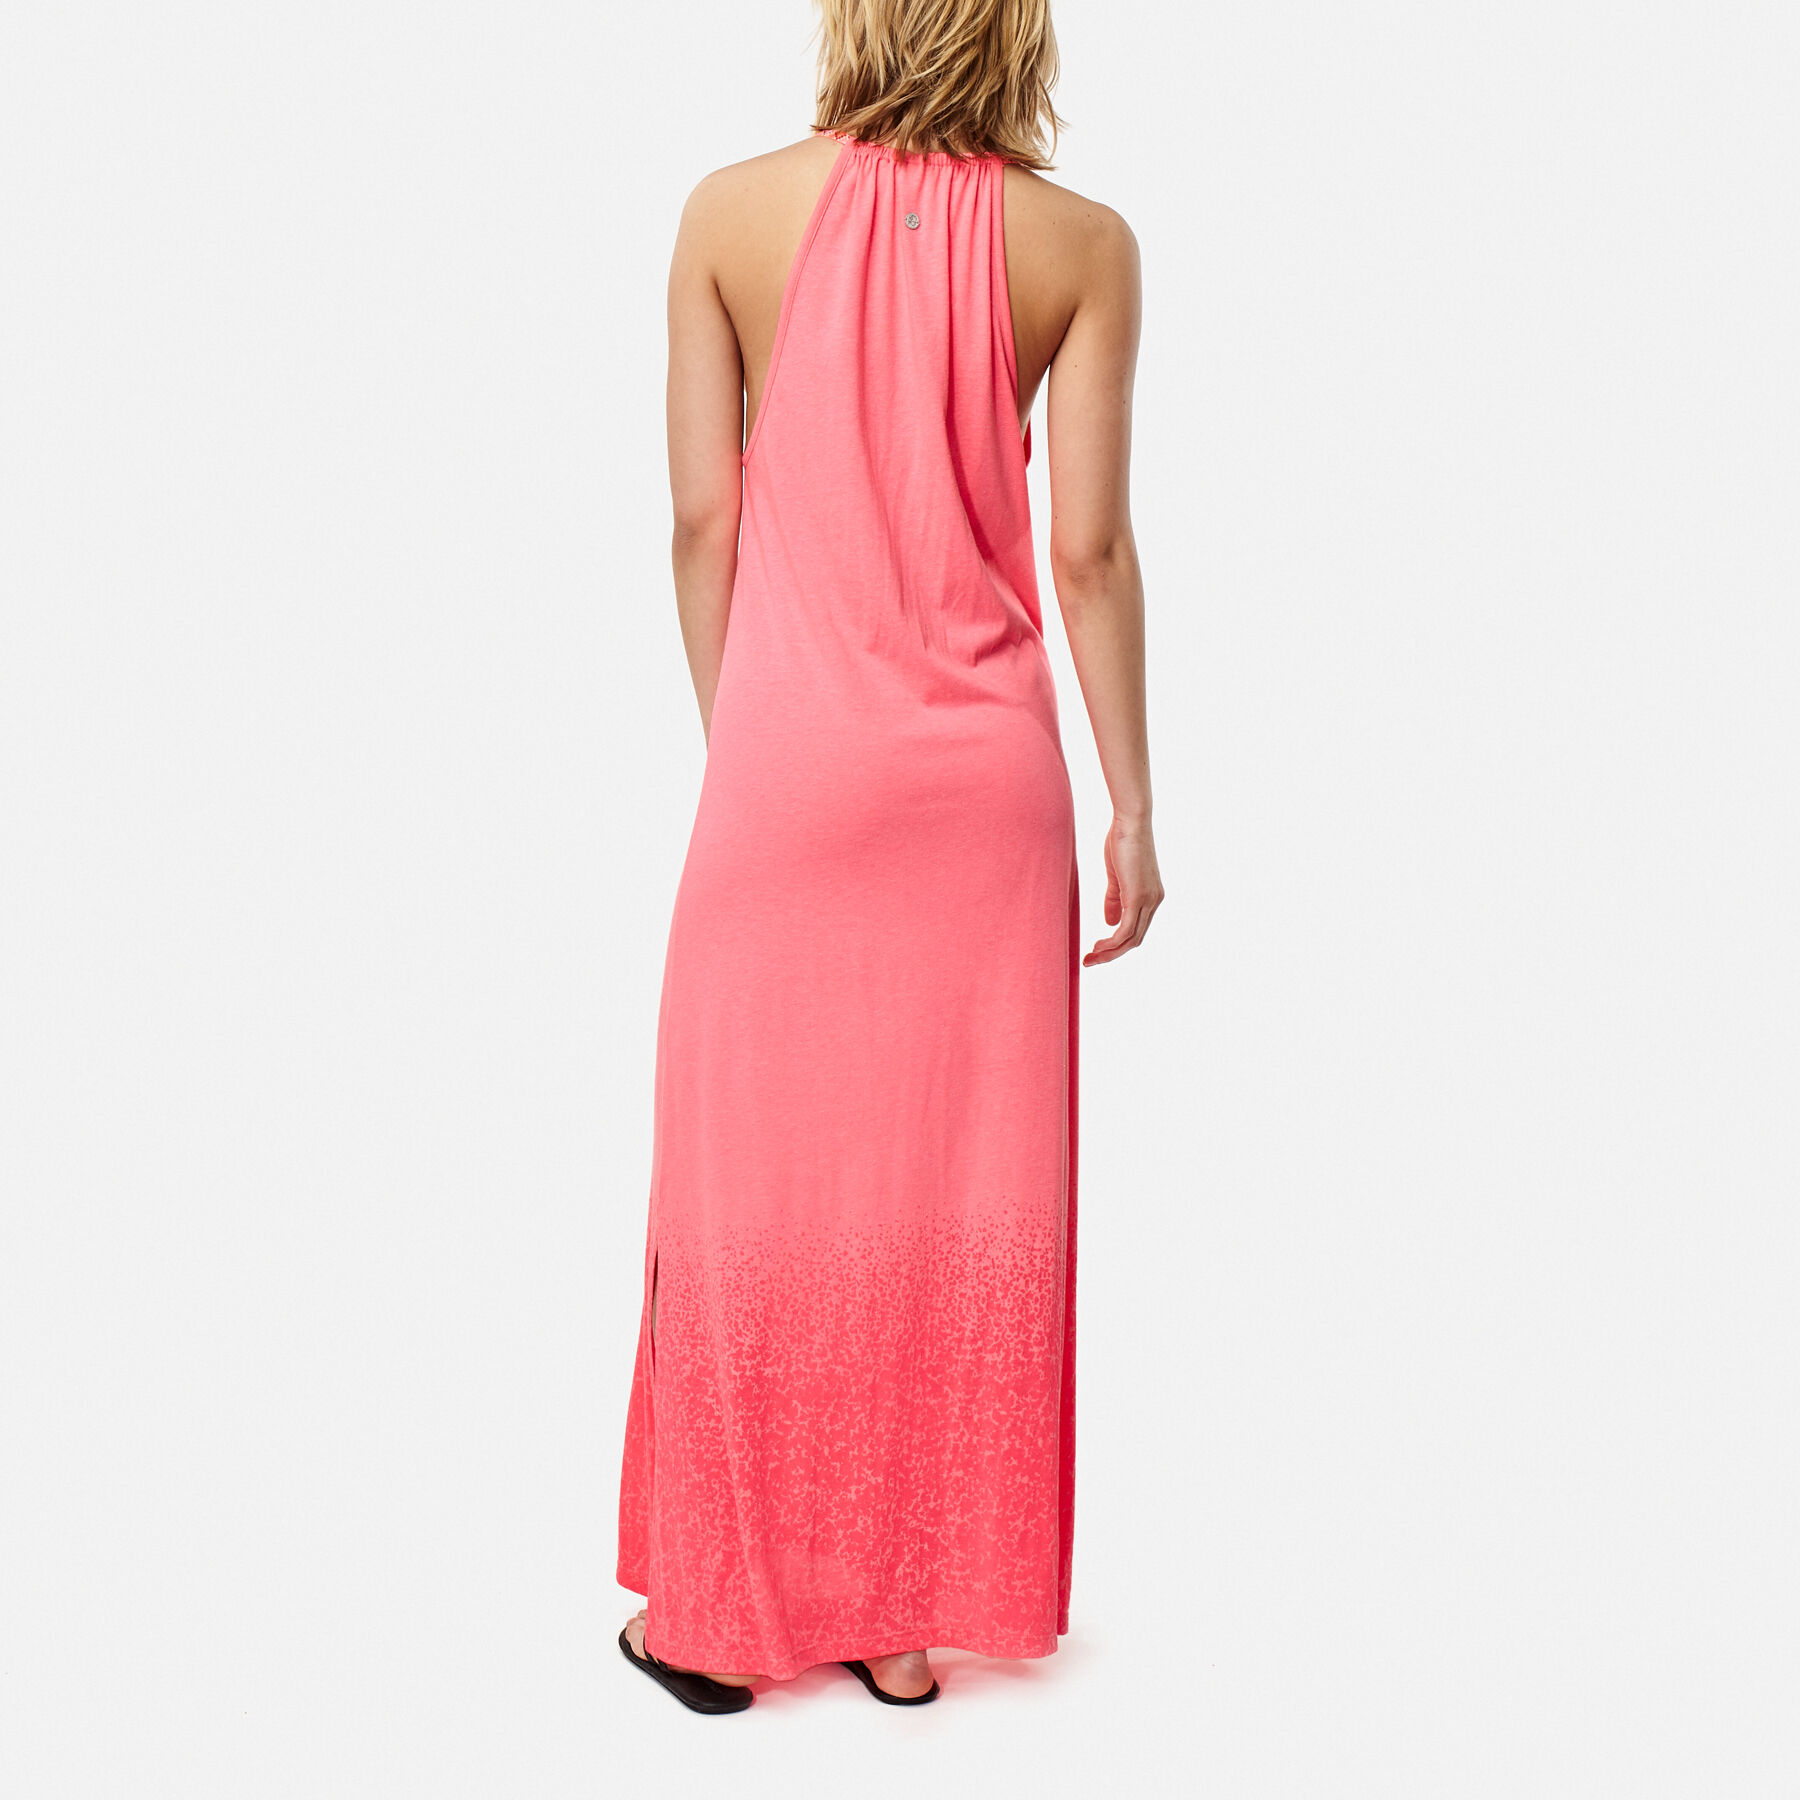 O'Neill Jade Cove Dress Pink Faible Frais D'expédition Pas Cher En Ligne onh60jU